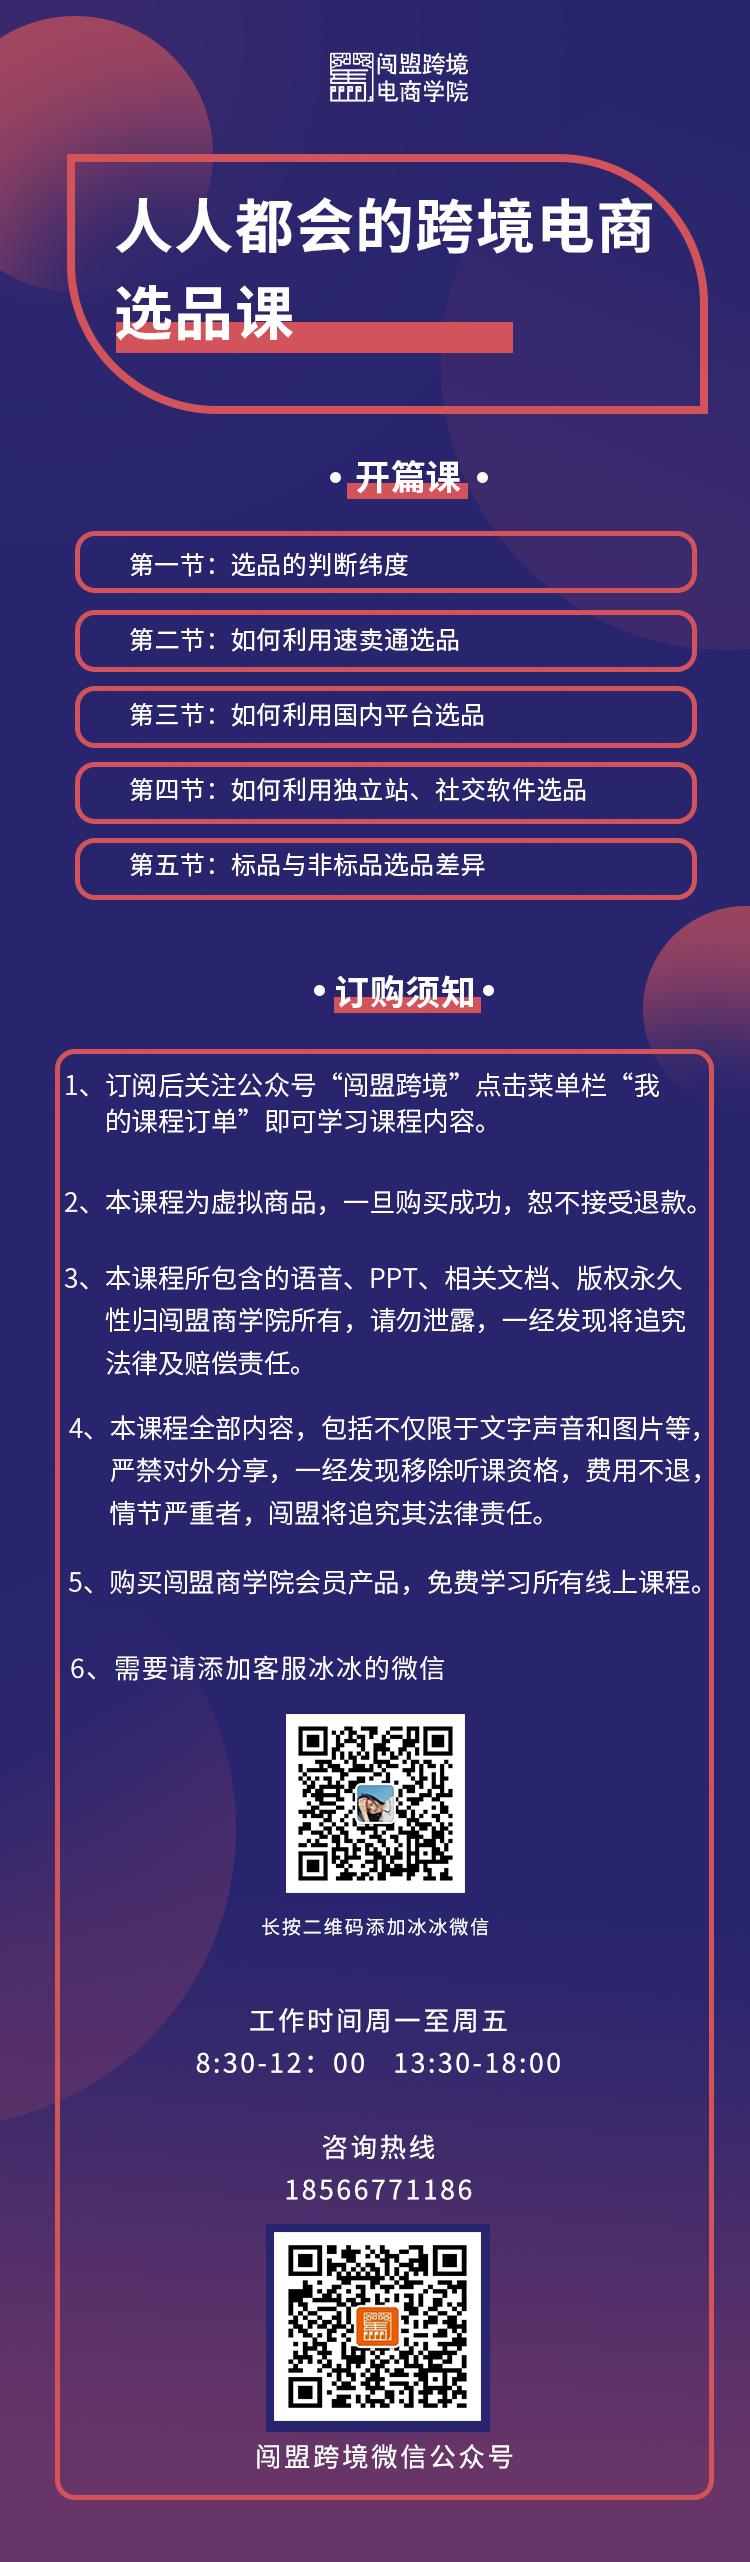 人人都会的跨境电商选品课(1).png